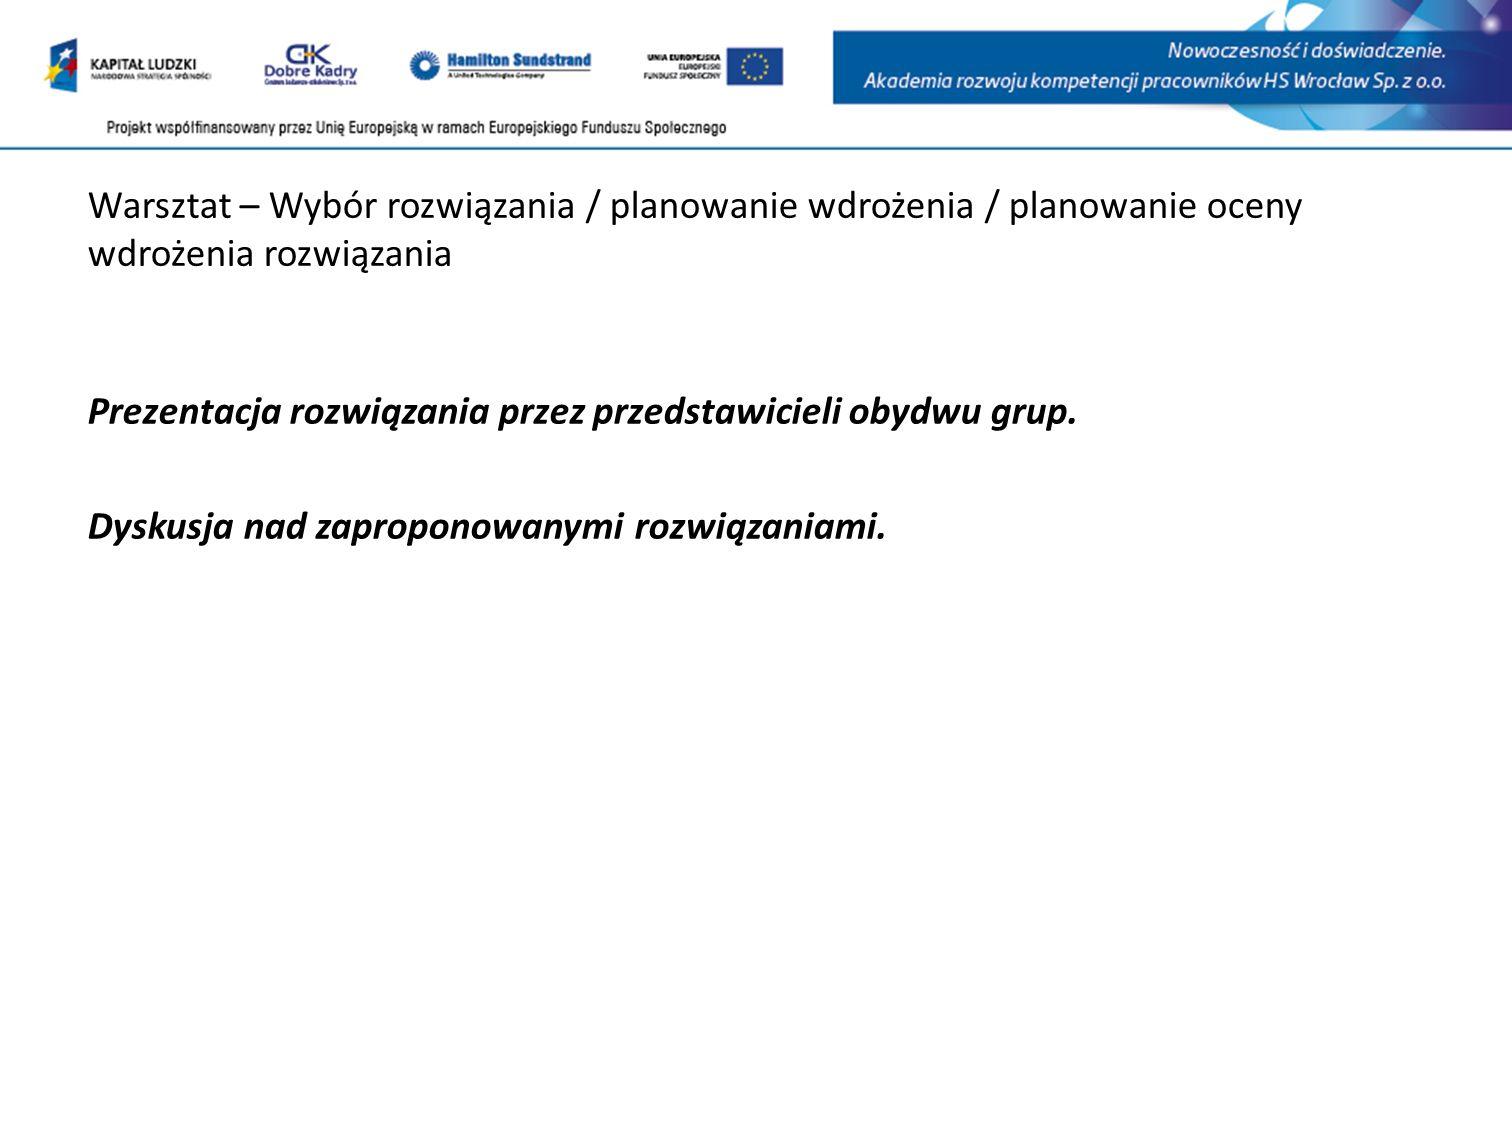 Warsztat – Wybór rozwiązania / planowanie wdrożenia / planowanie oceny wdrożenia rozwiązania Prezentacja rozwiązania przez przedstawicieli obydwu grup.